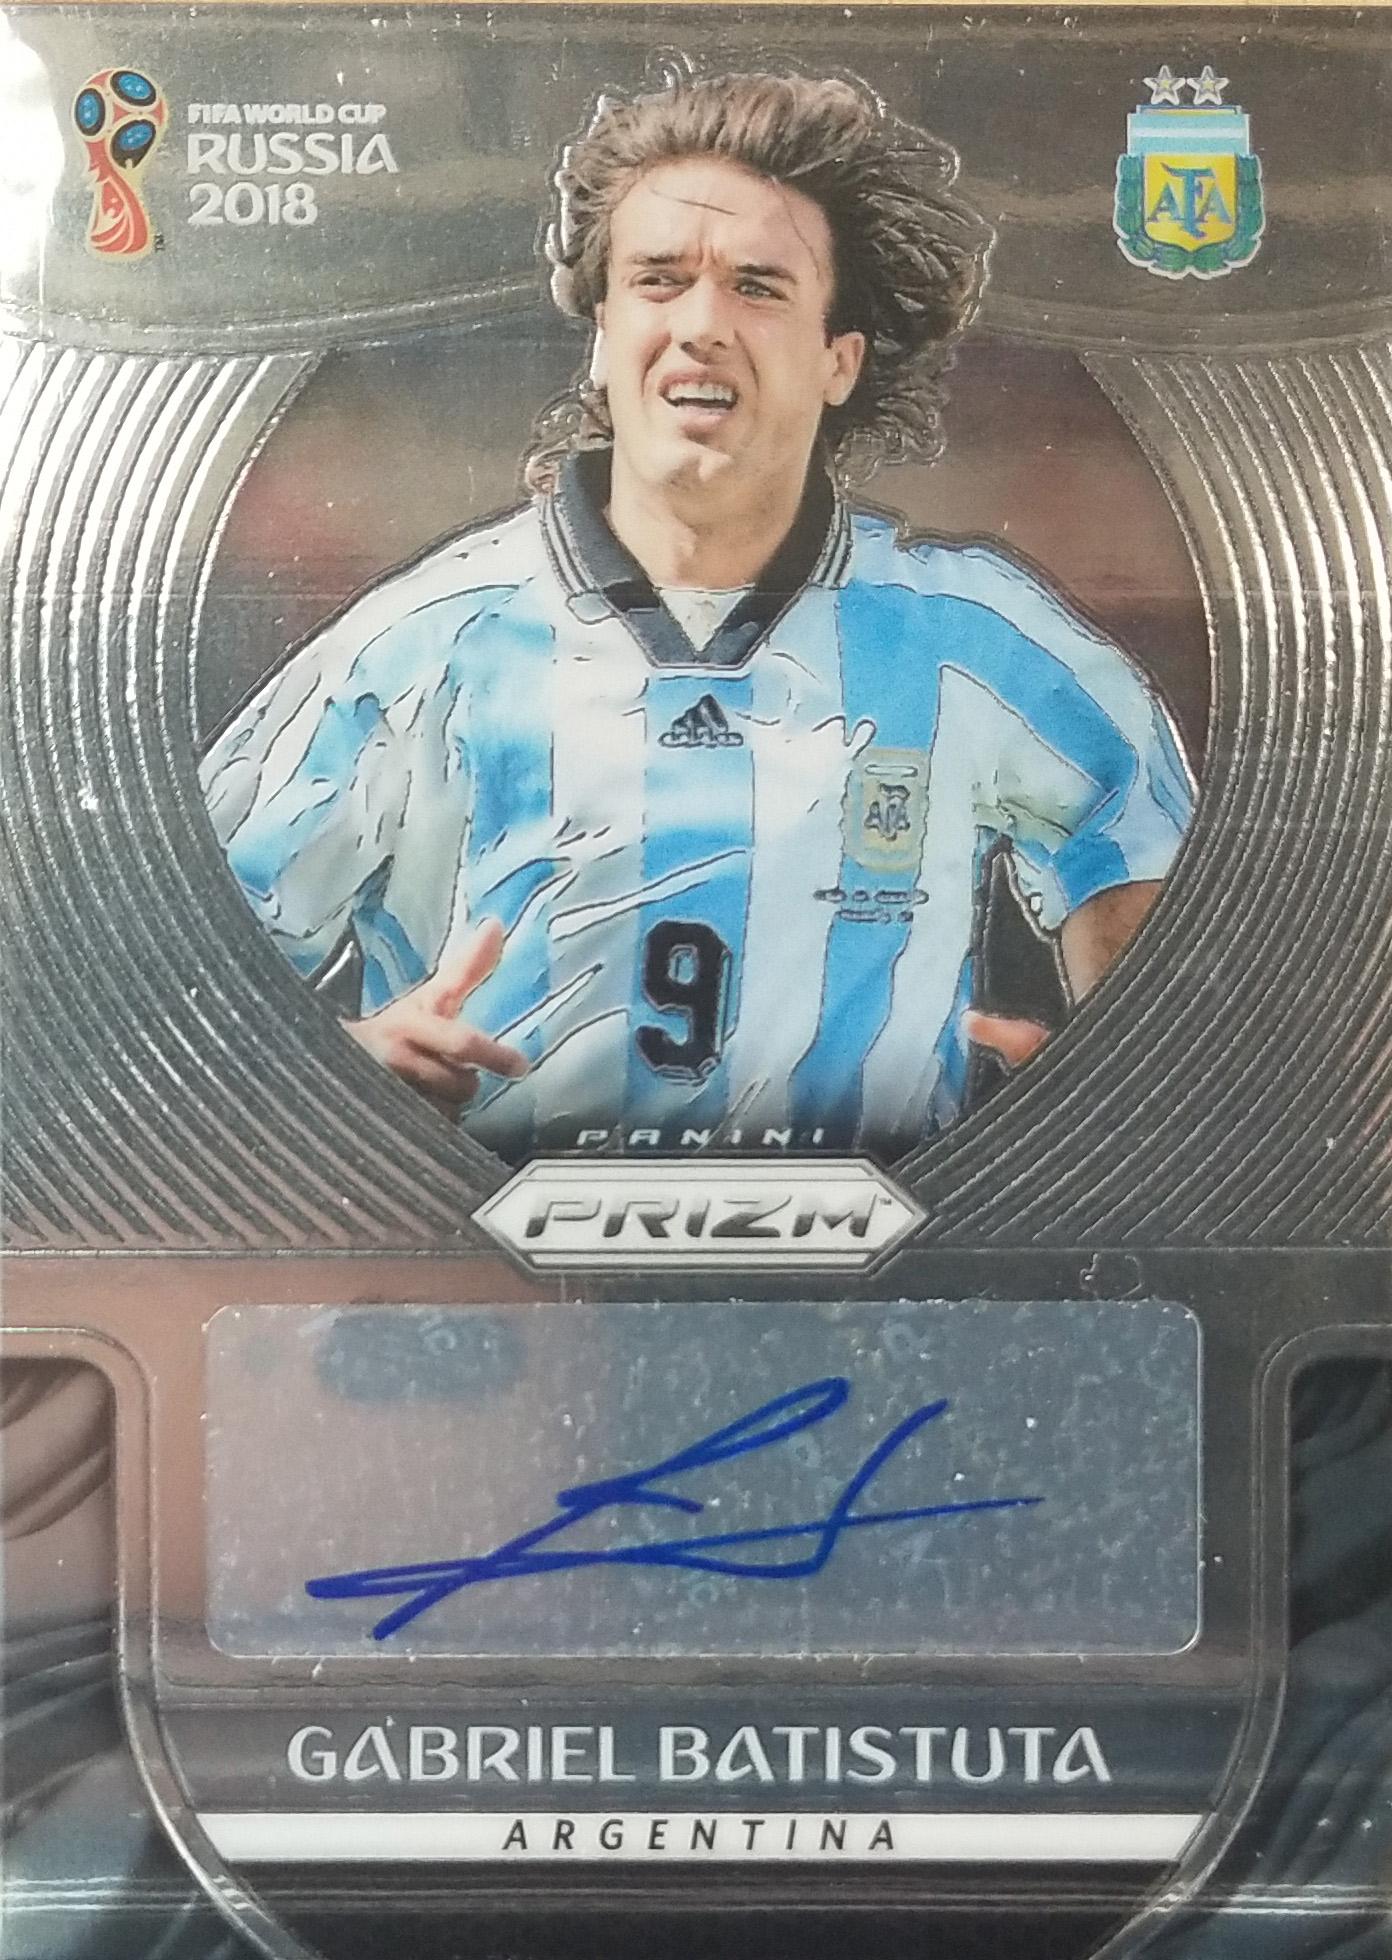 【自若清风】2018Panini帕尼尼俄罗斯世界杯球星卡Gabriel Batistuta巴蒂斯图塔阿根廷签字